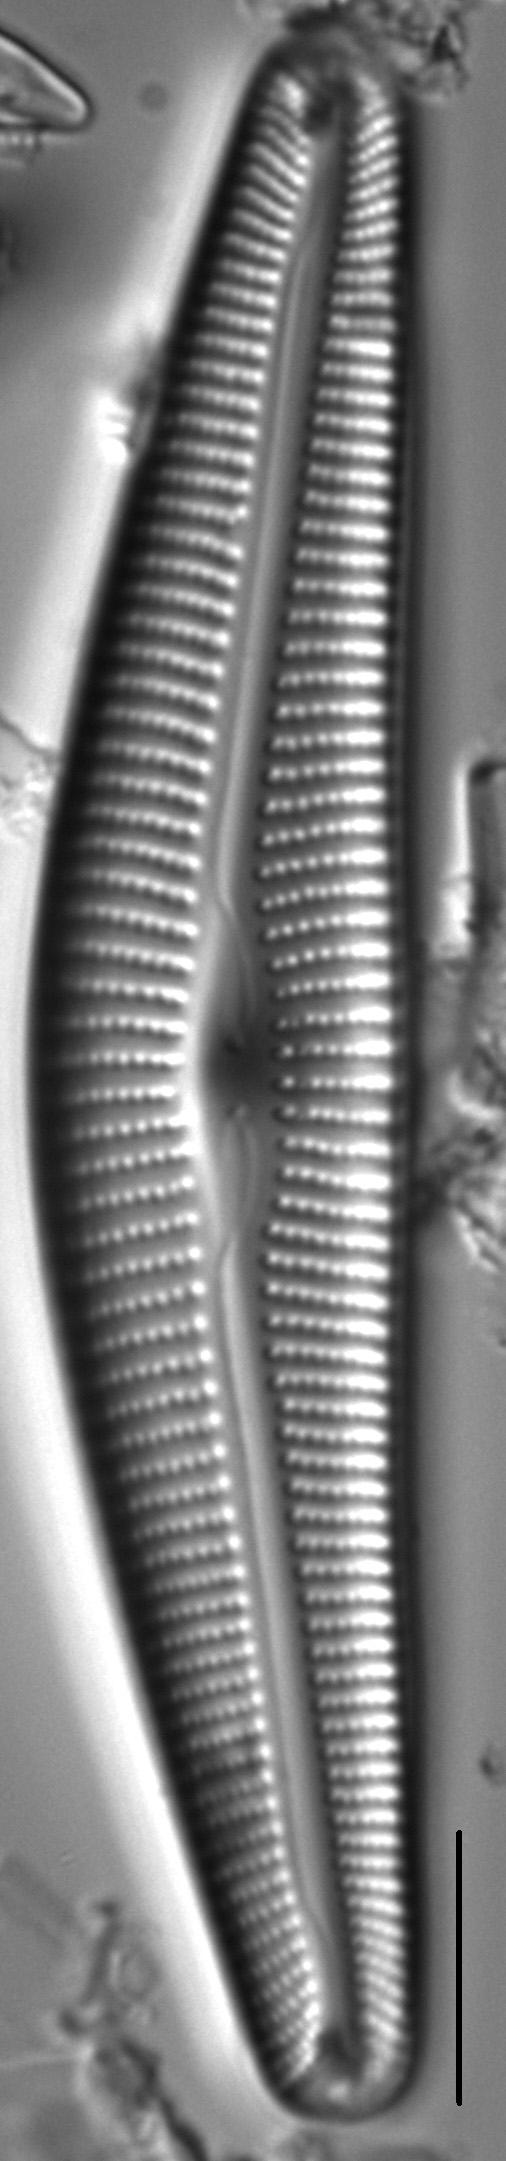 Cymbella maggiana LM1